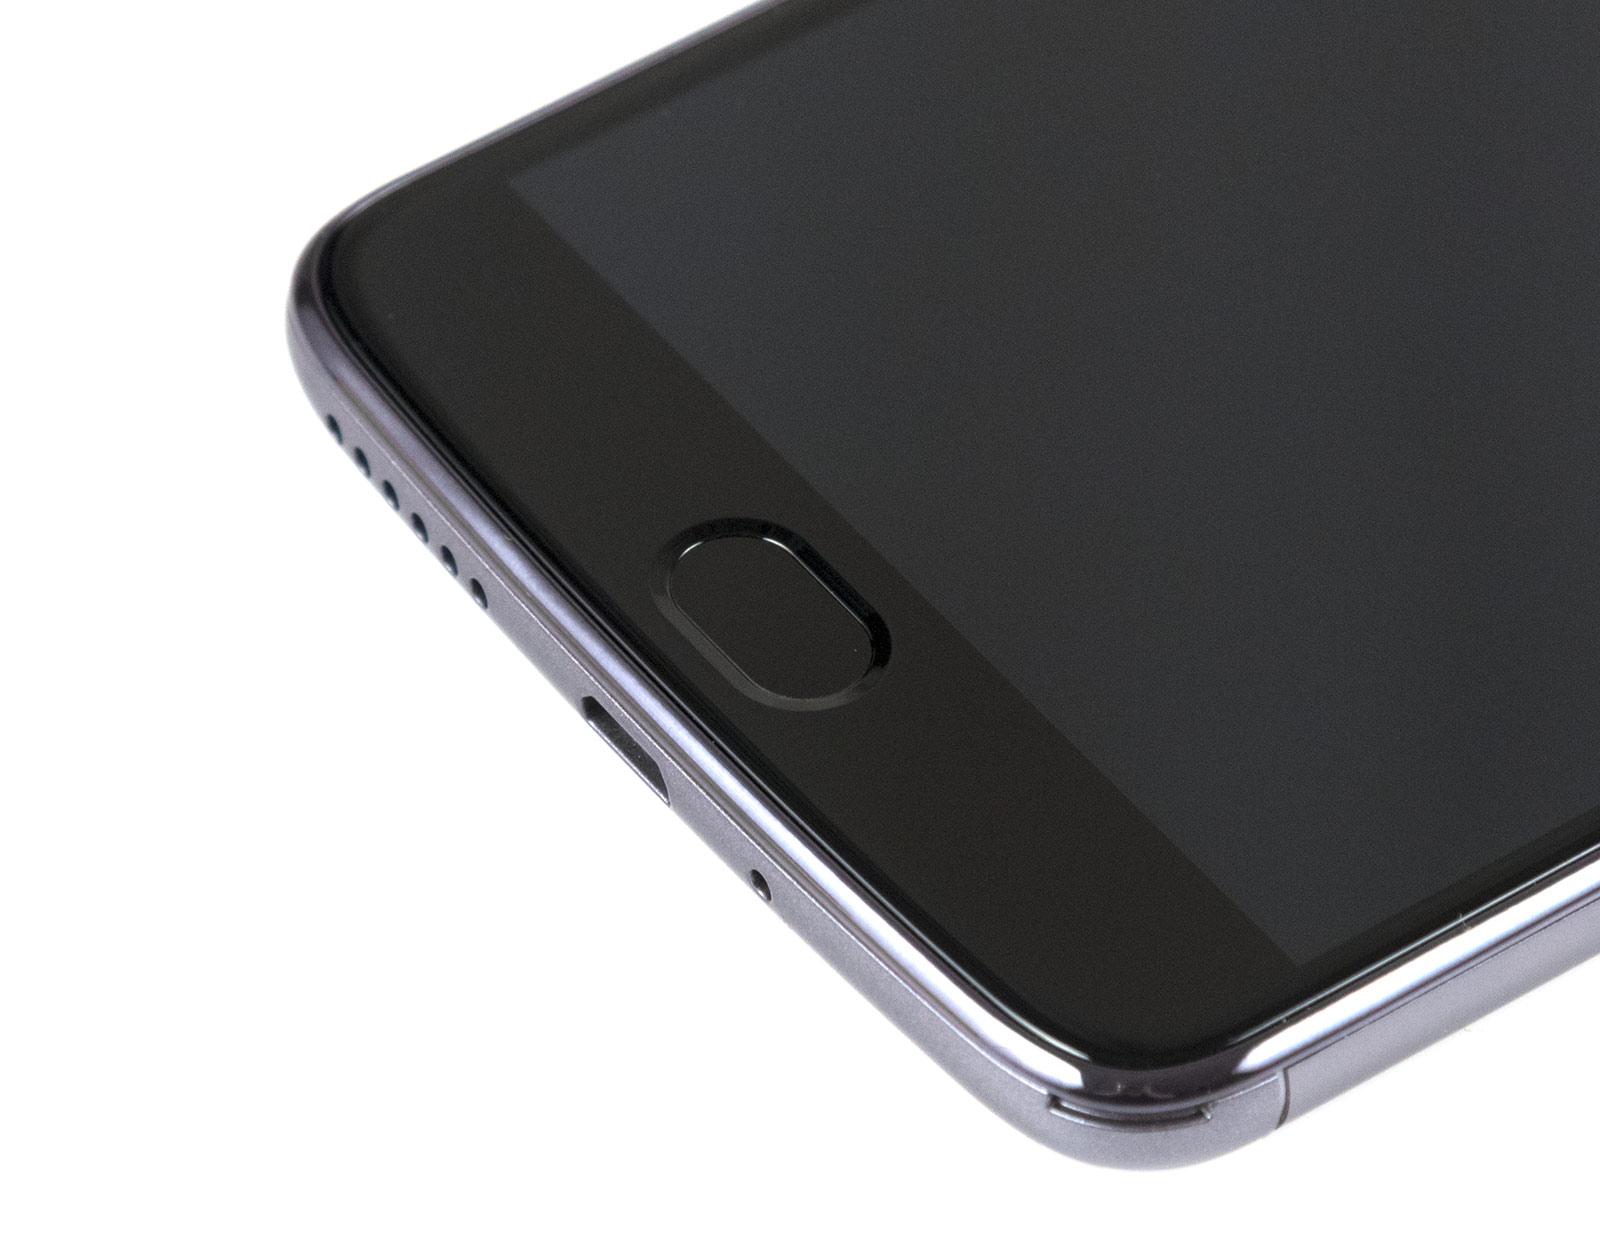 Обзор смартфона Moto E Plus: 5000 мАч в тонком корпусе - 5